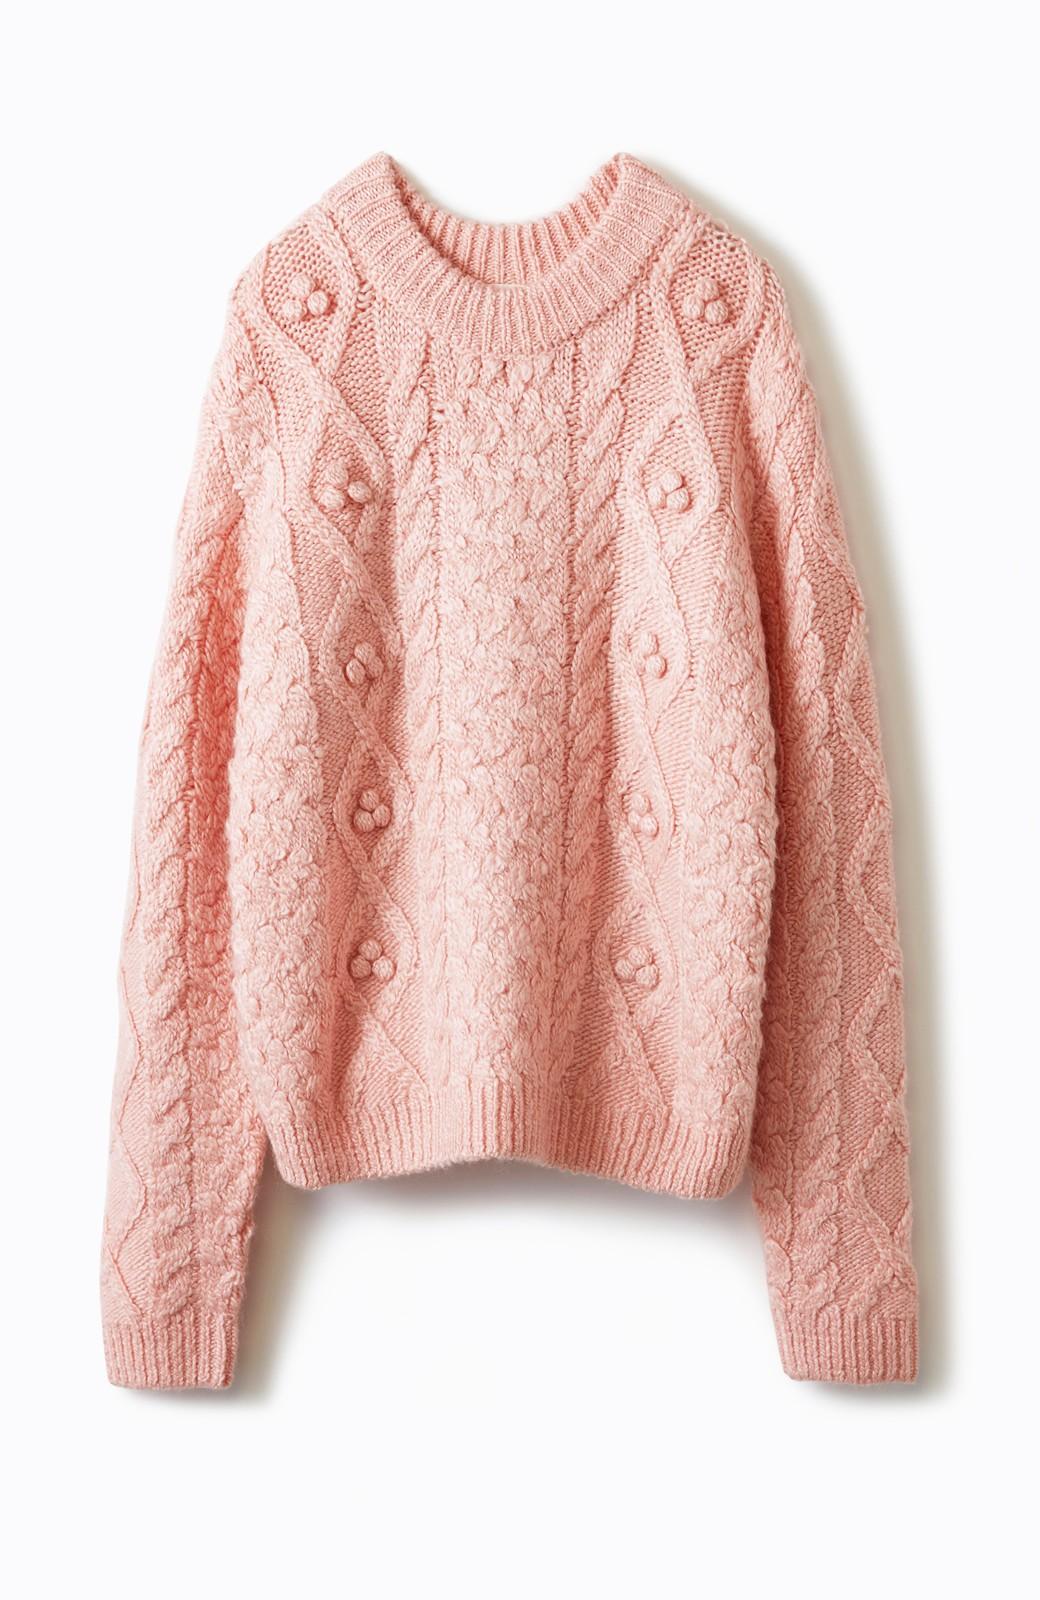 haco! 古着屋さんで見つけたようなもっふりケーブル編みセーター <ピンク>の商品写真1